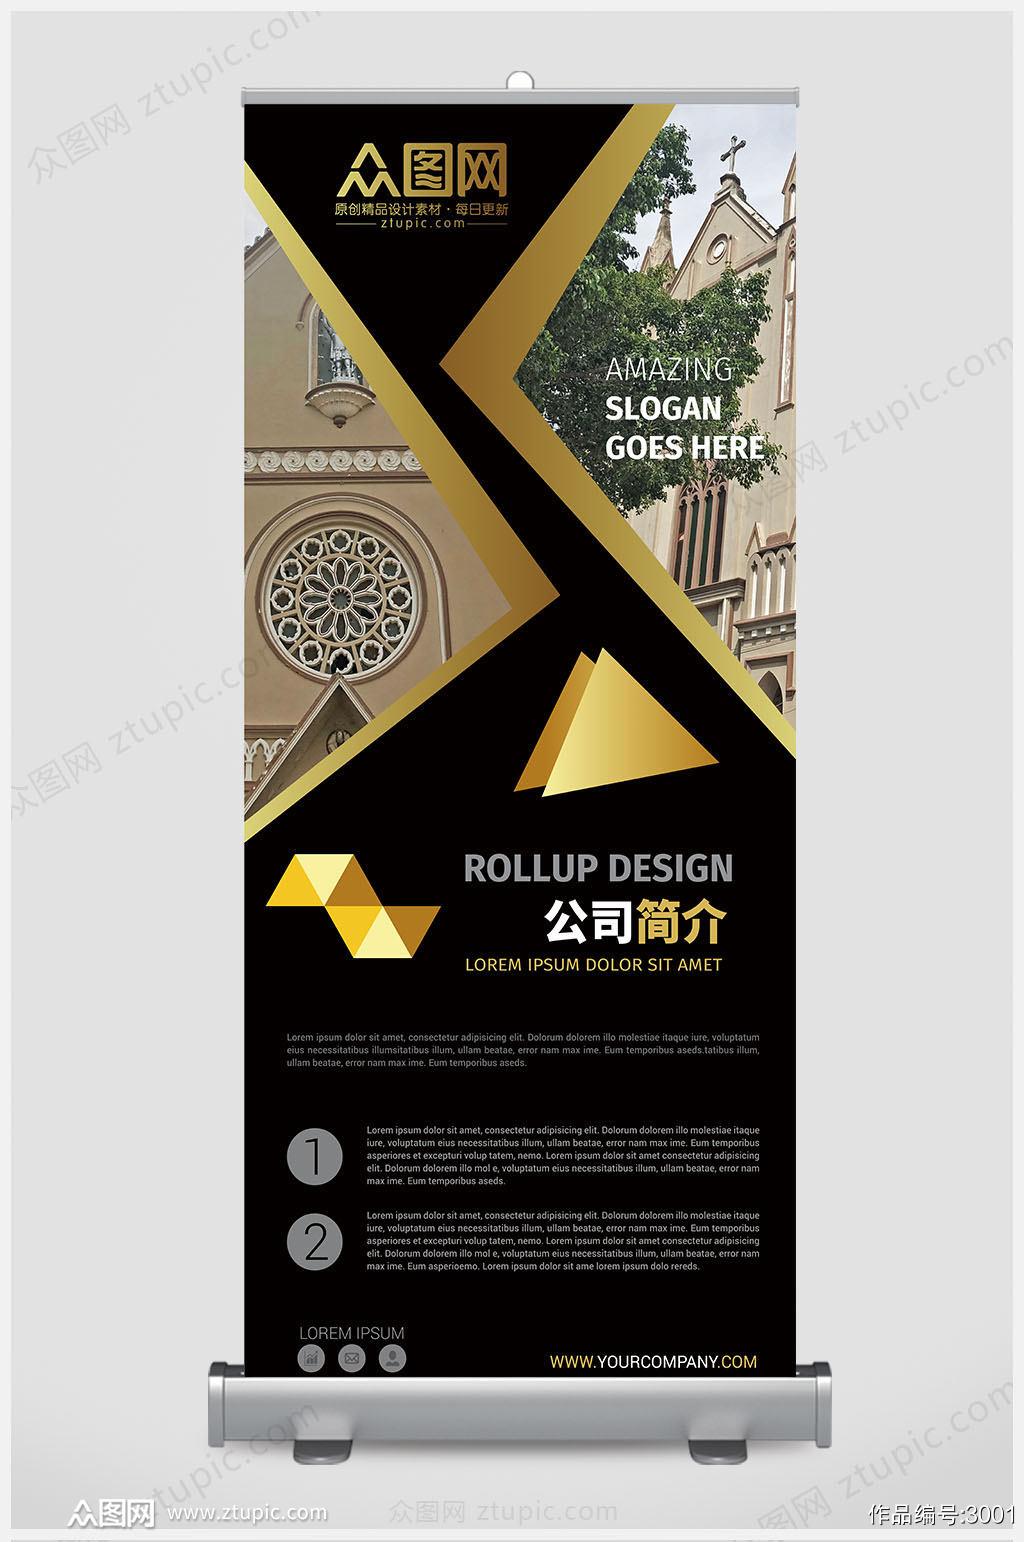 黄金色企业通用展架设计素材